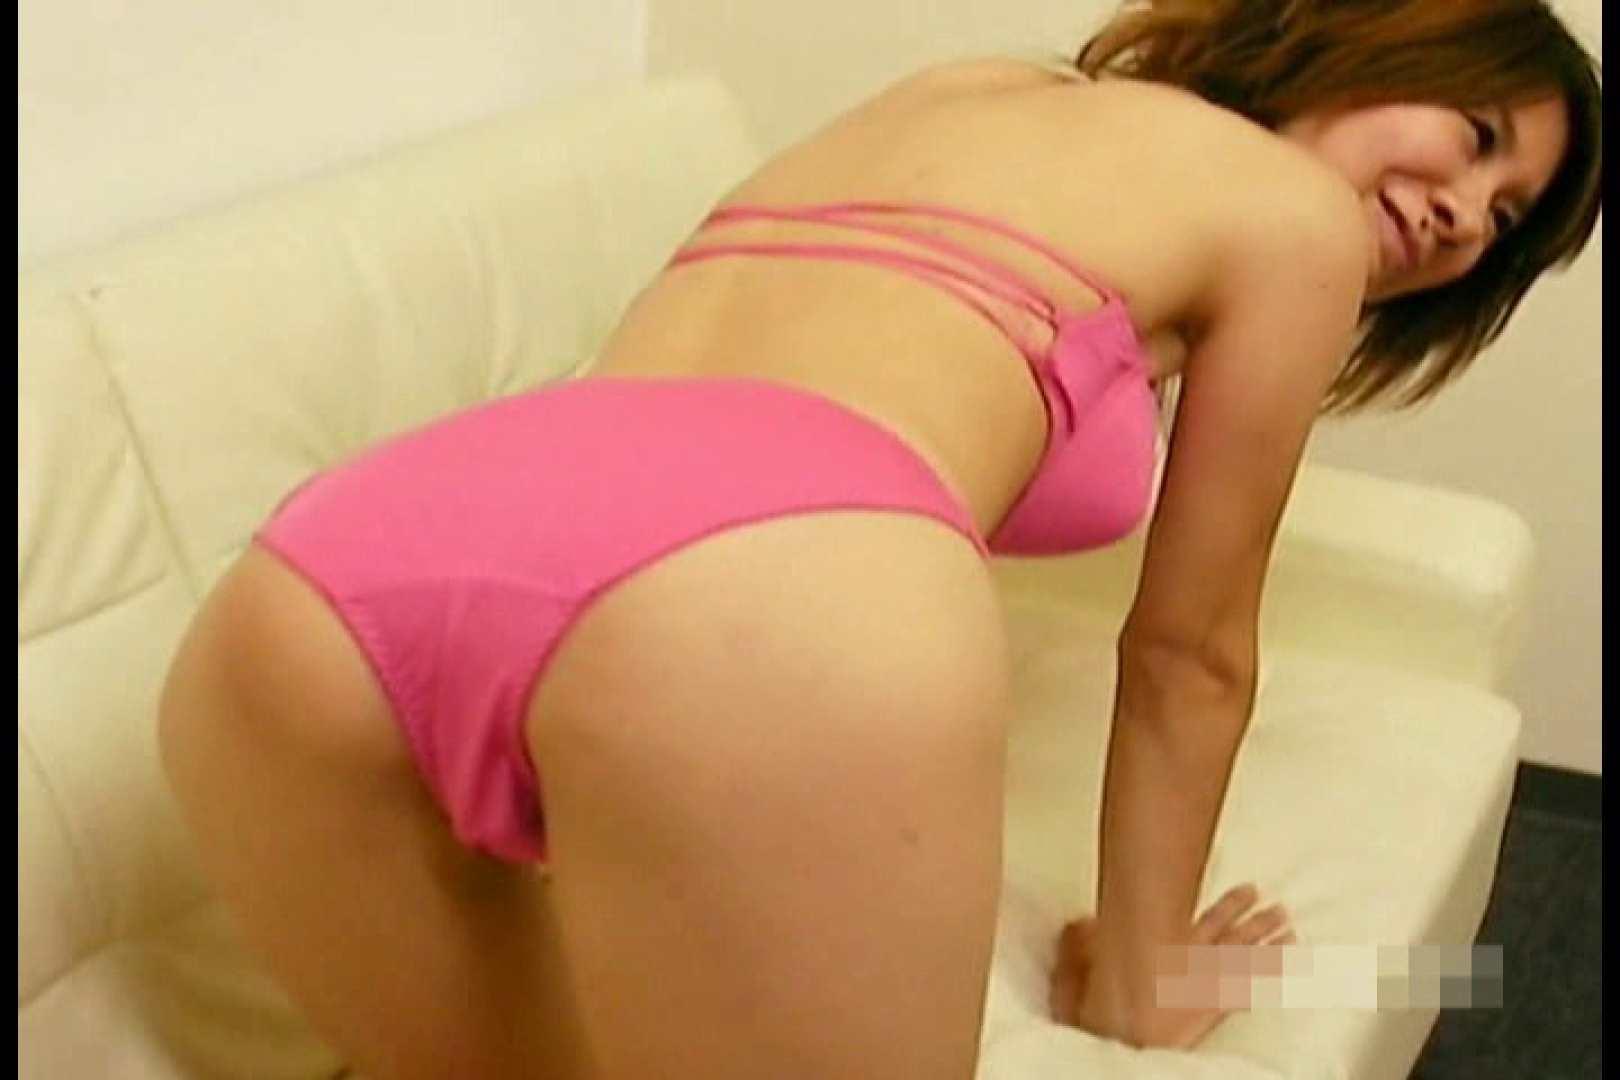 素人撮影 下着だけの撮影のはずが・・・まり25歳 素人 盗撮画像 67pic 51